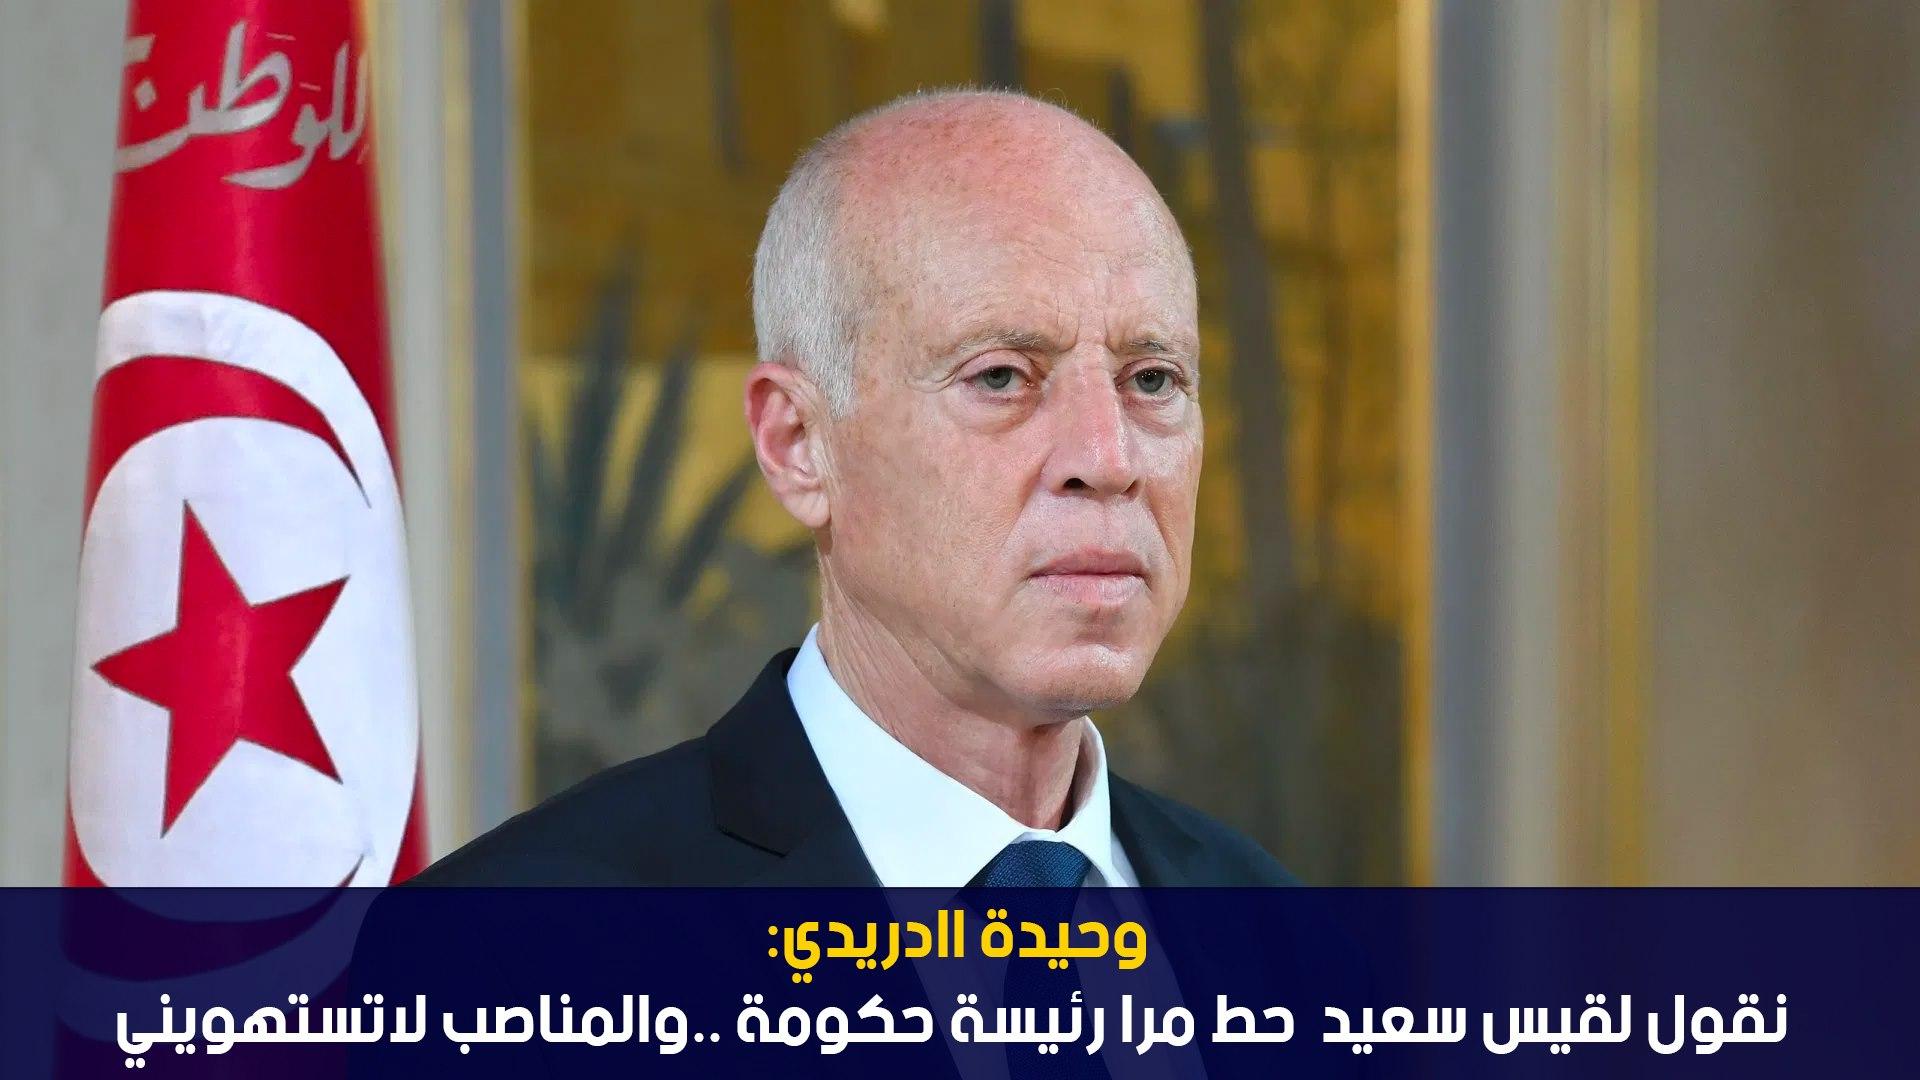 وحيدة الدريدي: نقول لقيس سعيد حط مرا رئيسة حكومة ..والمناصب لاتستهويني